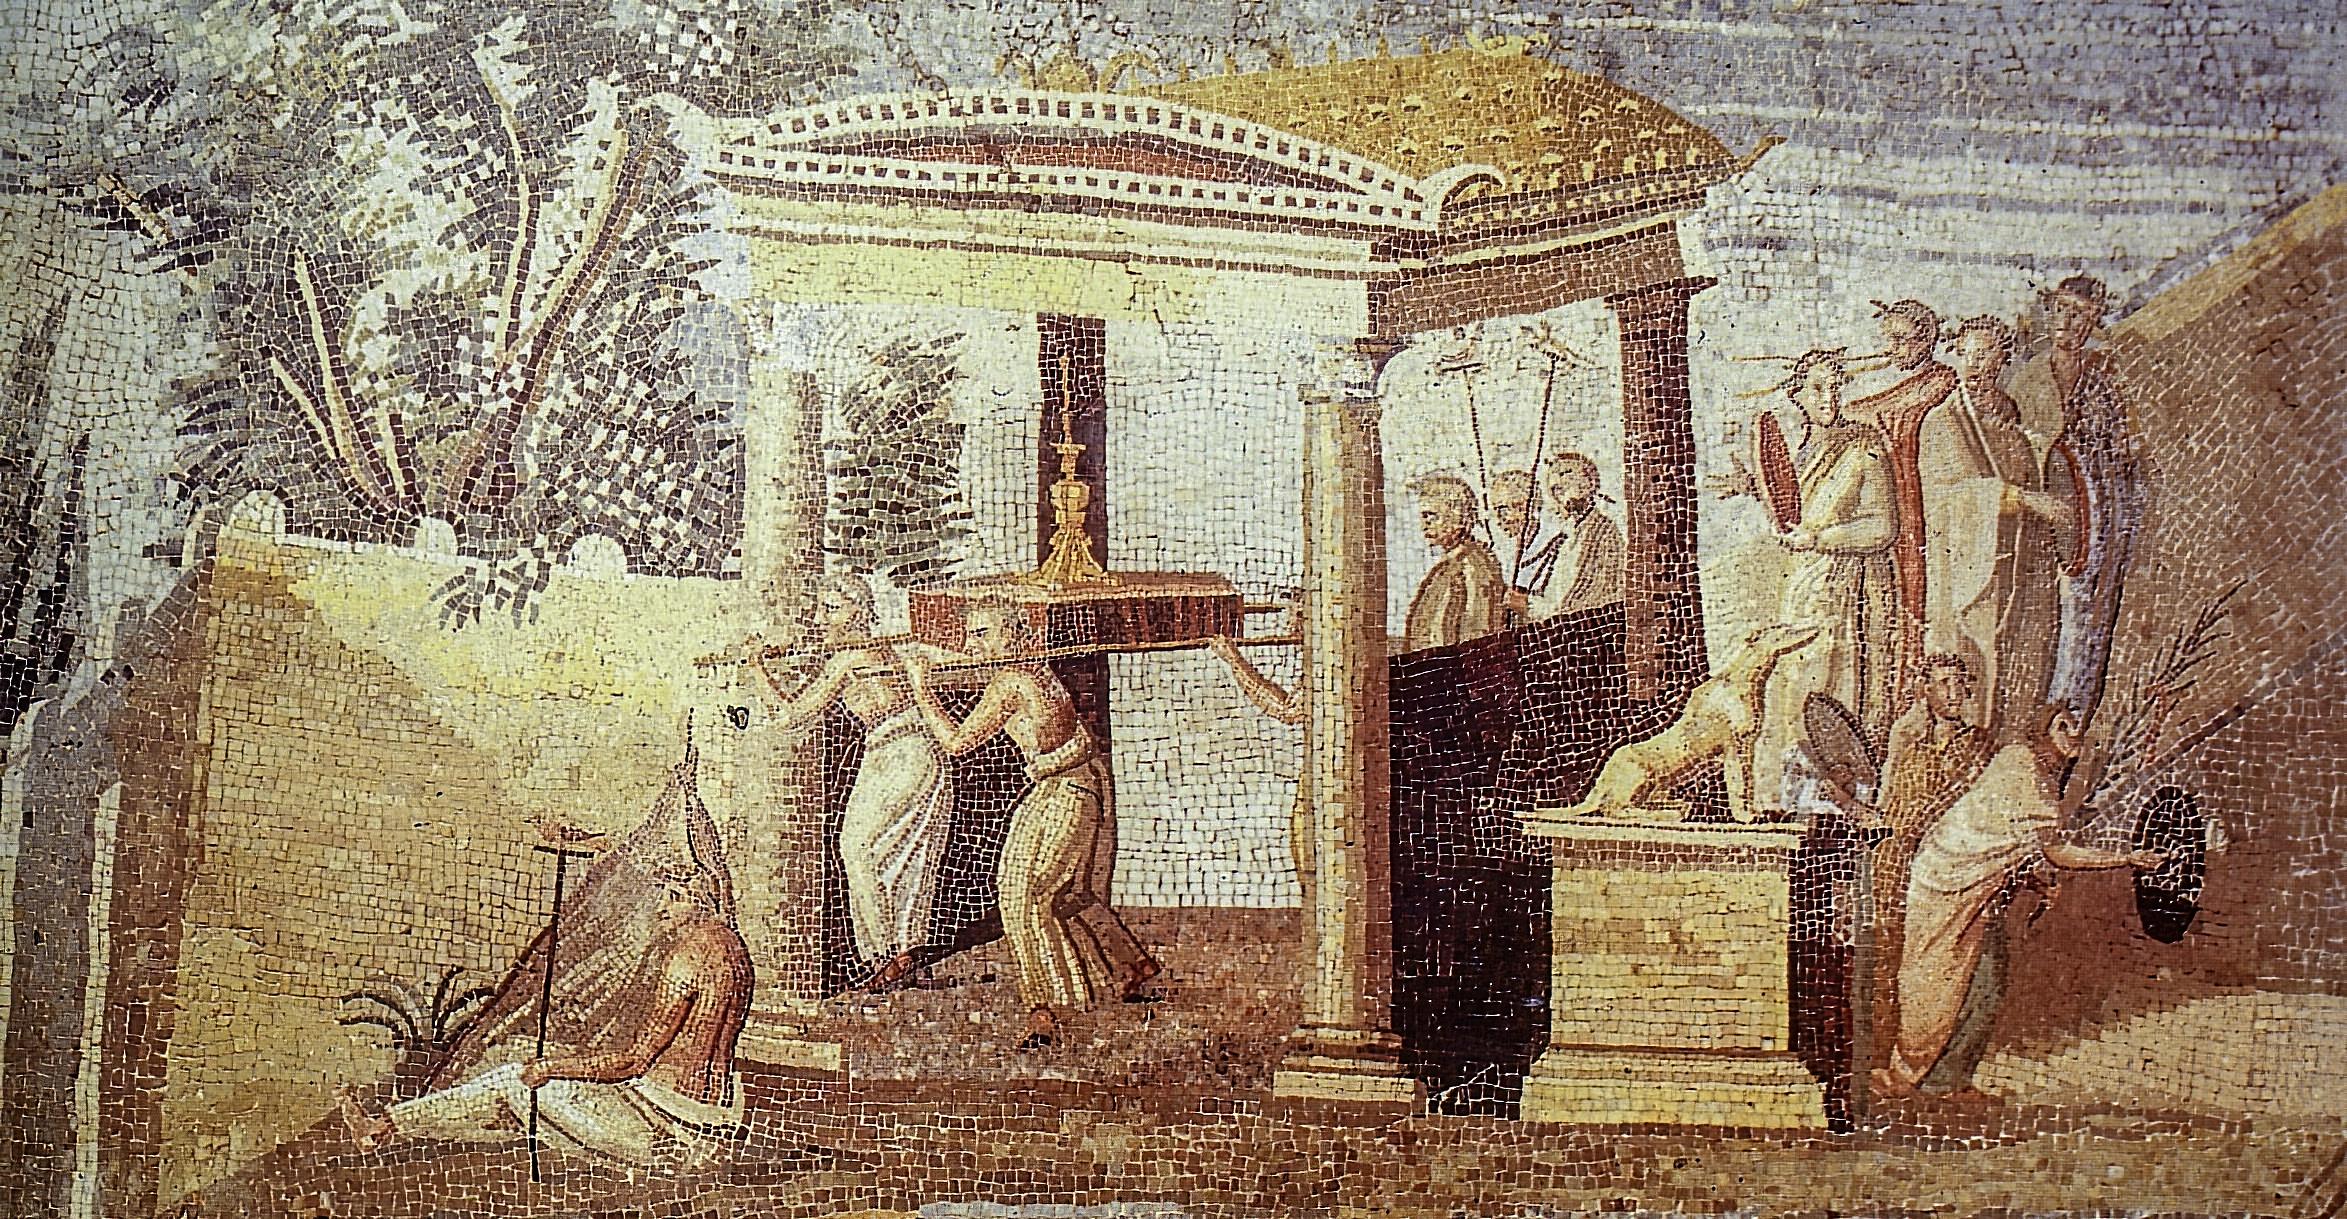 Praeneste_-_Nile_Mosaic_-_Section_16_-_Detail.jpg